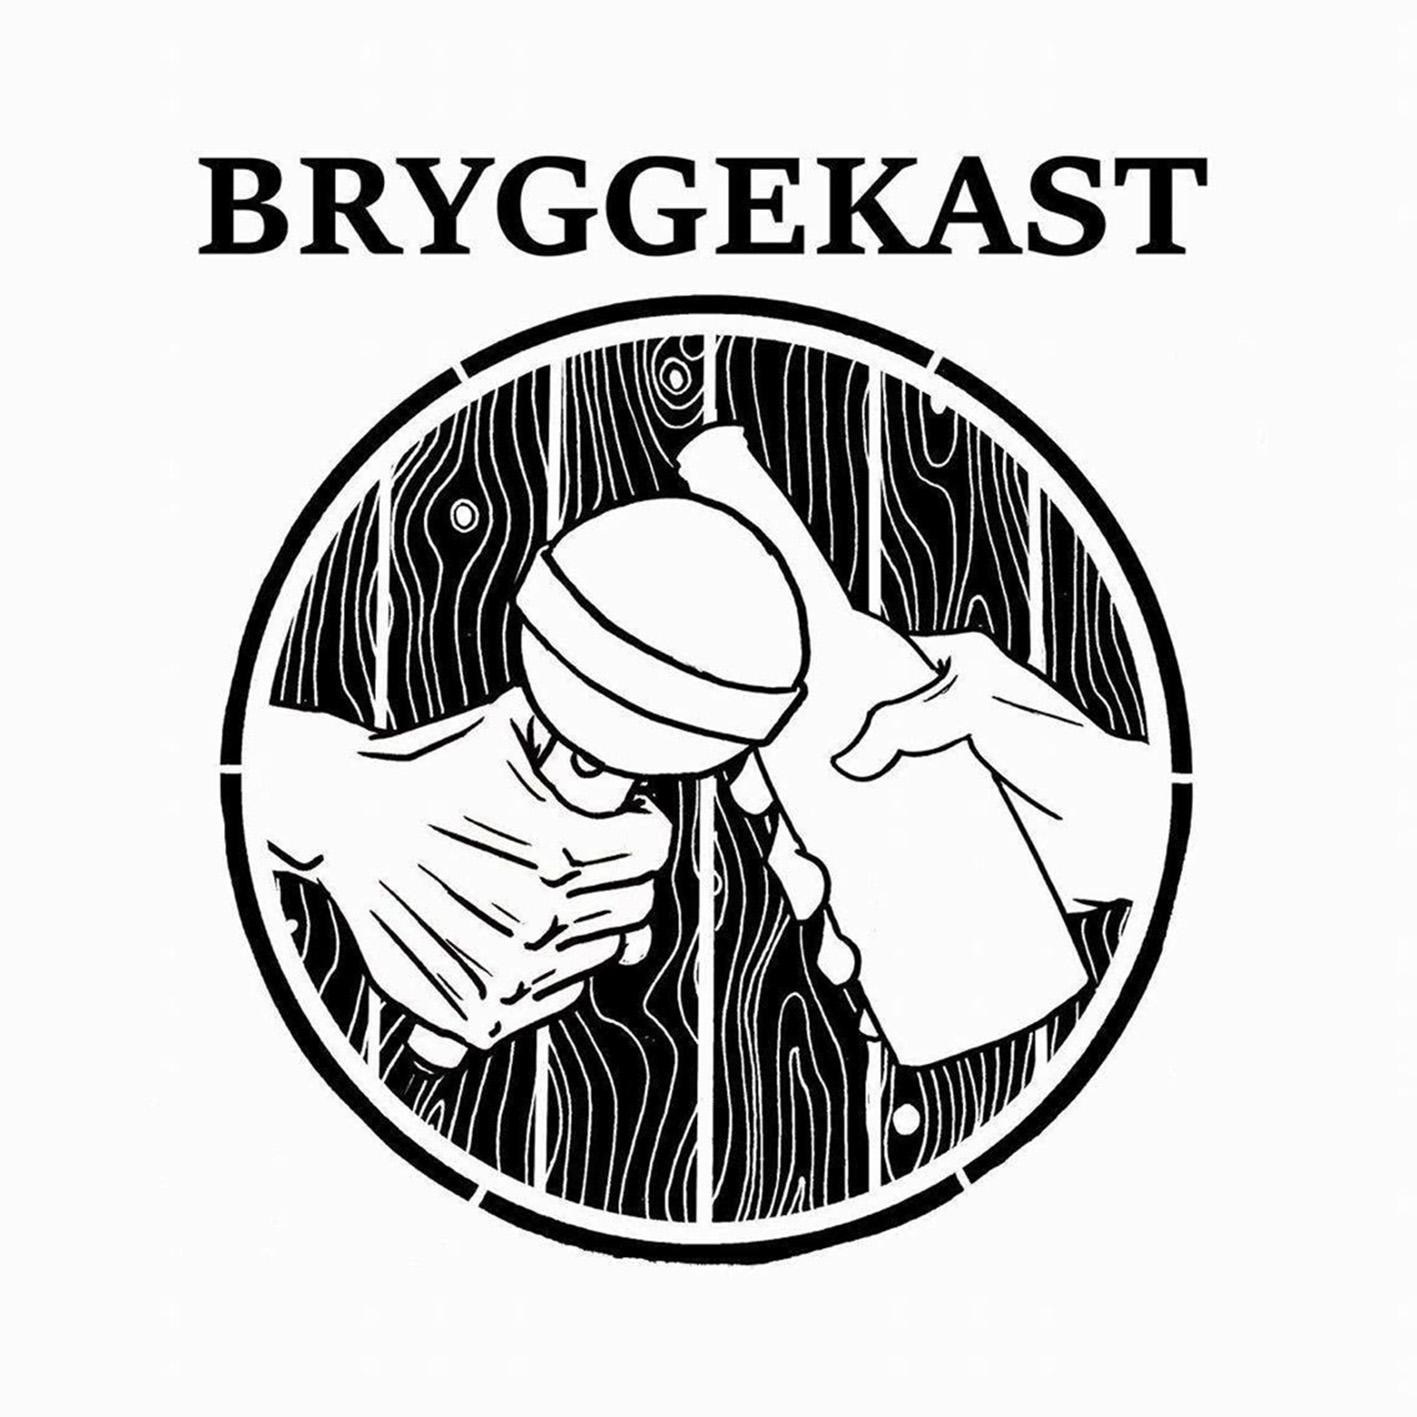 Bryggekast Sesong 2 teaser show art